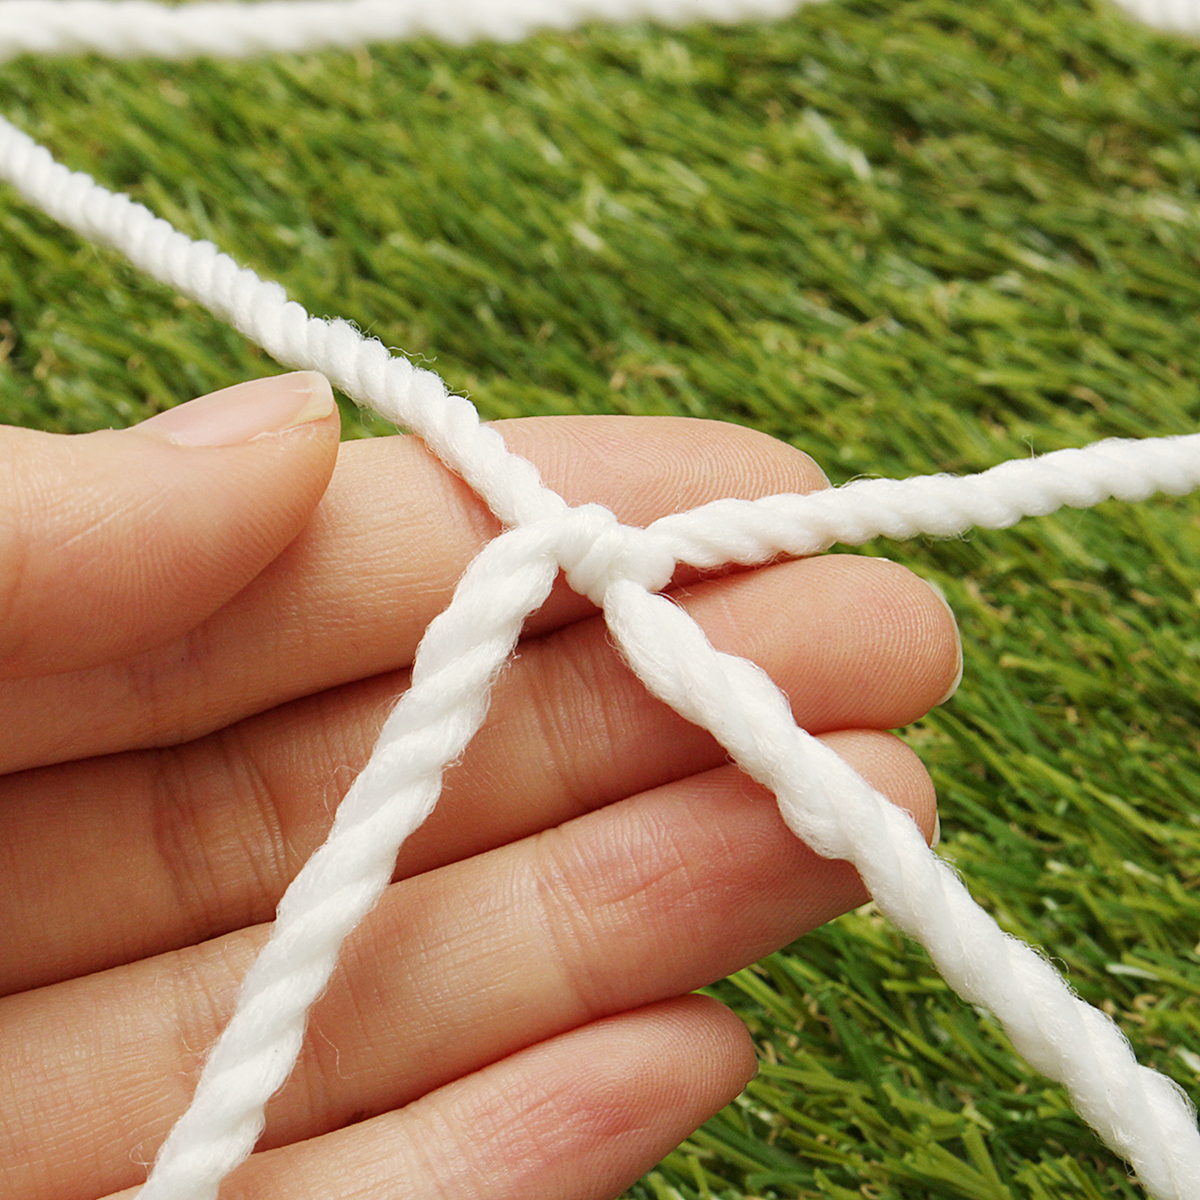 Soccer Goal Post Net For Sports Training Match 6